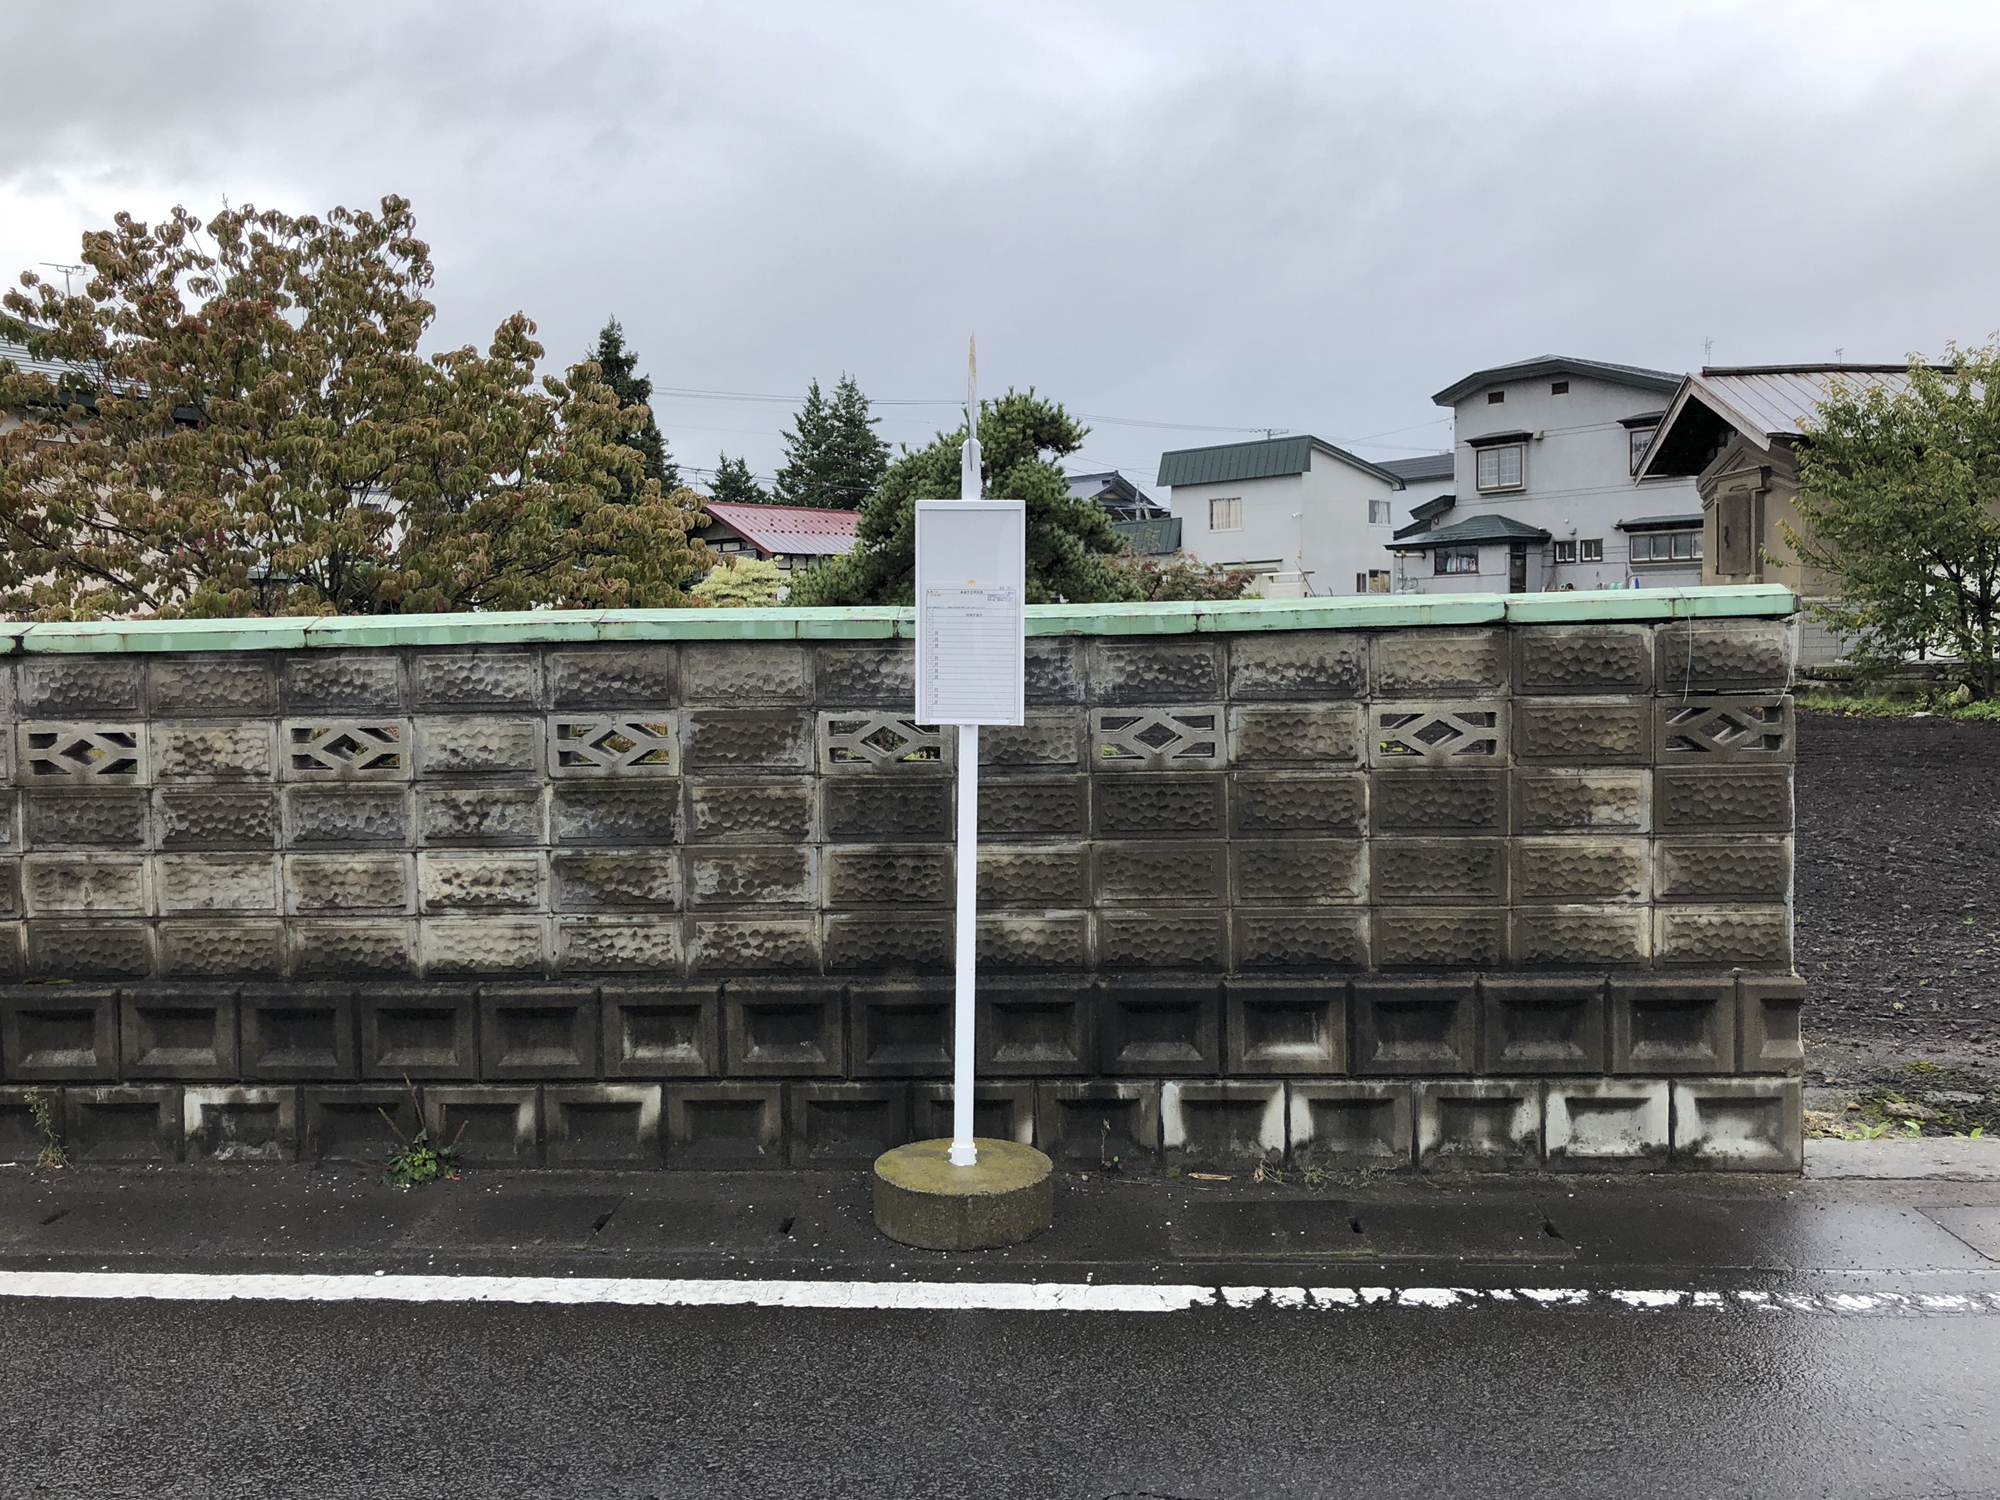 f:id:mitatowa:20181005183655j:plain